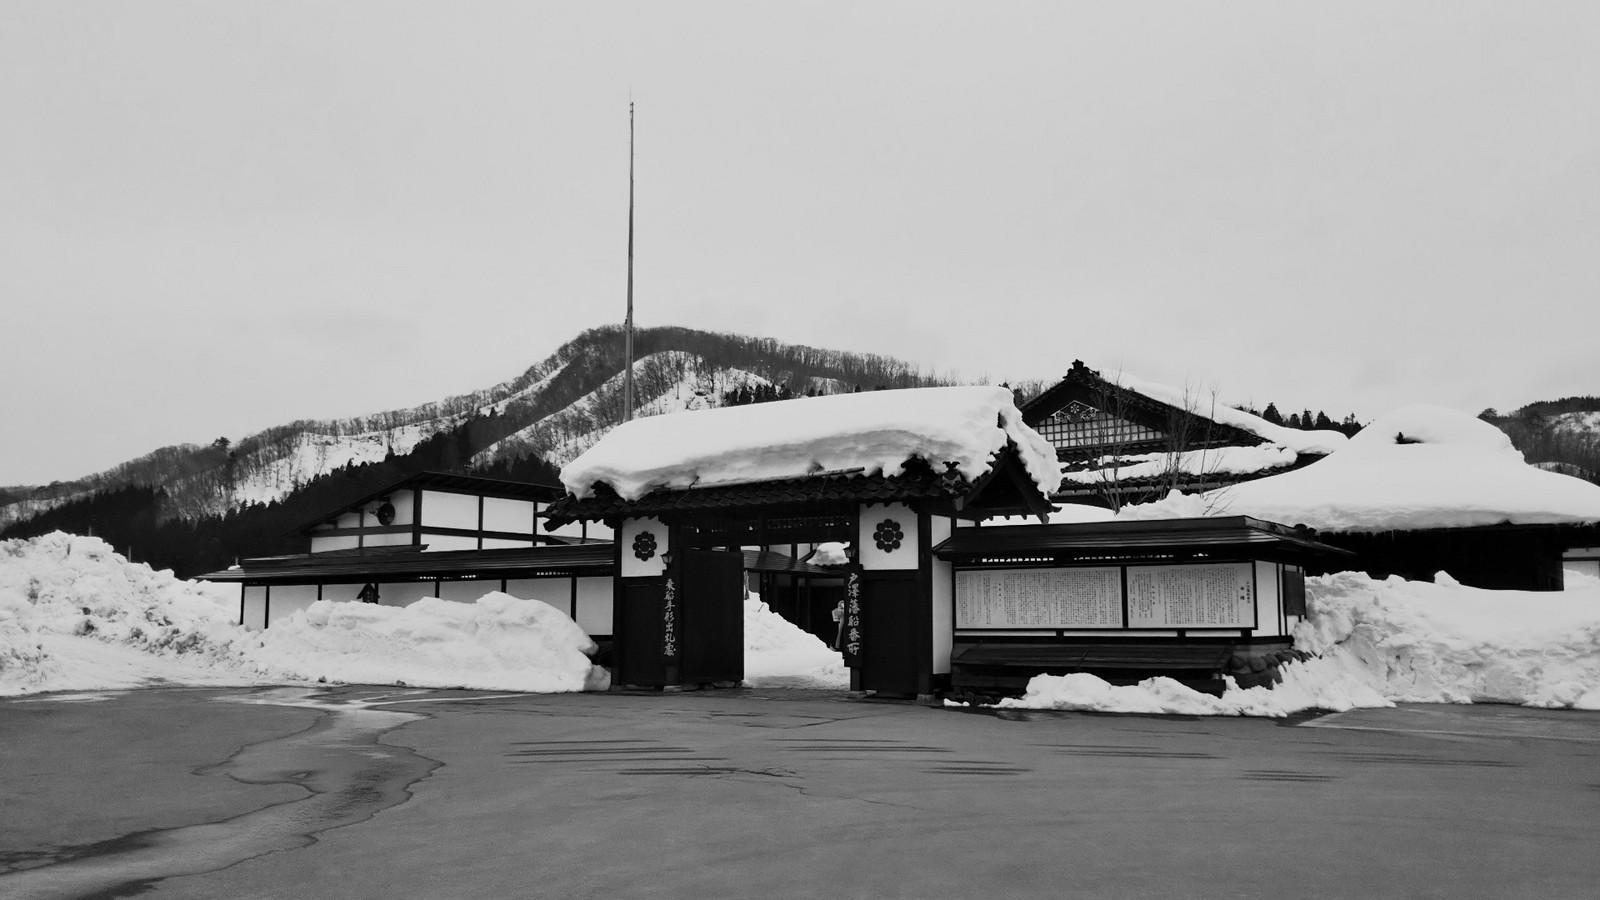 Magomi_river_kawakudari